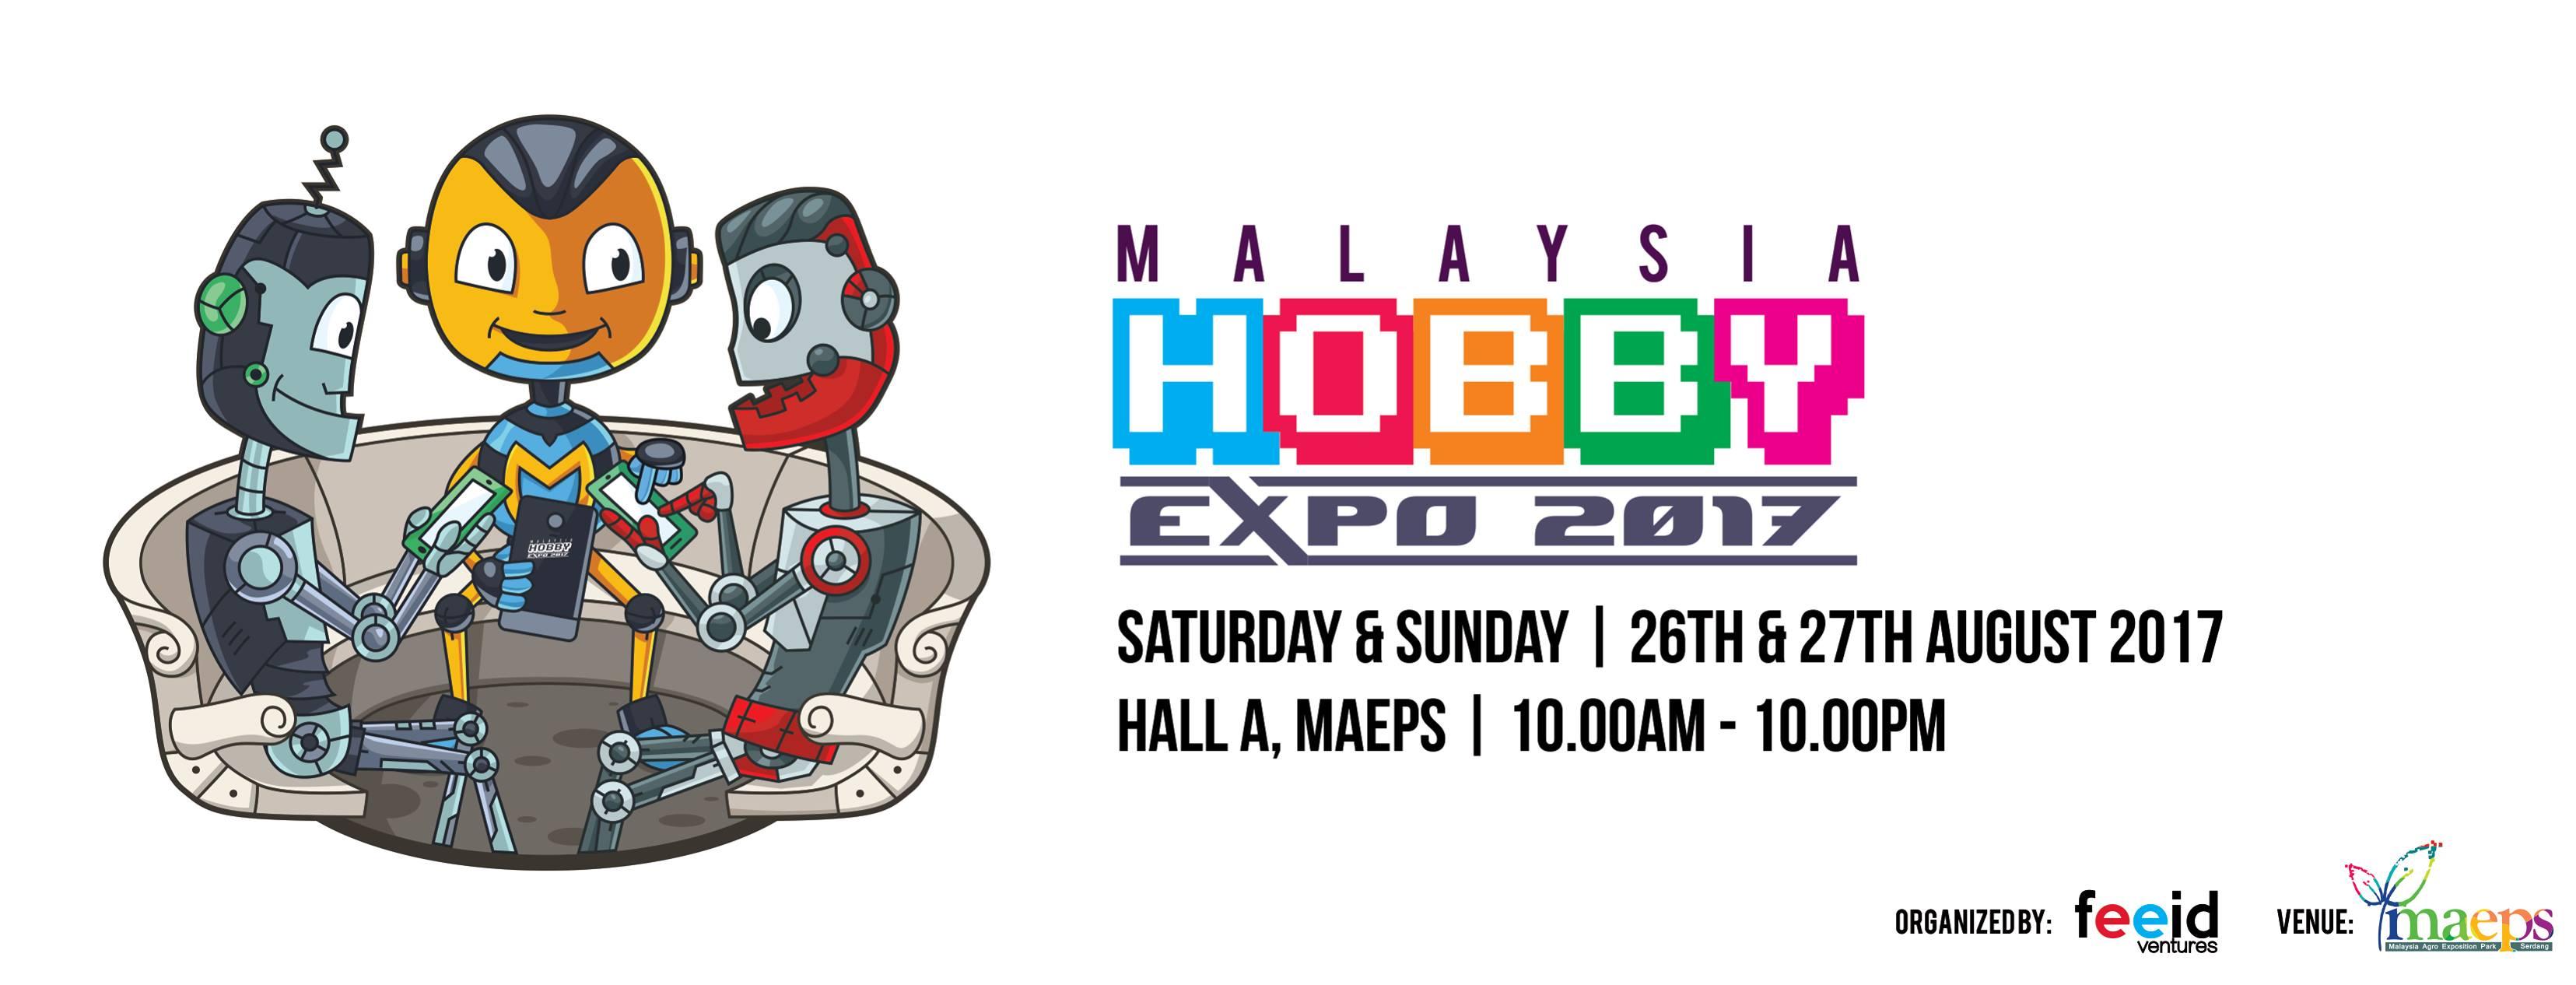 malaysia hobby expo 2017 promo